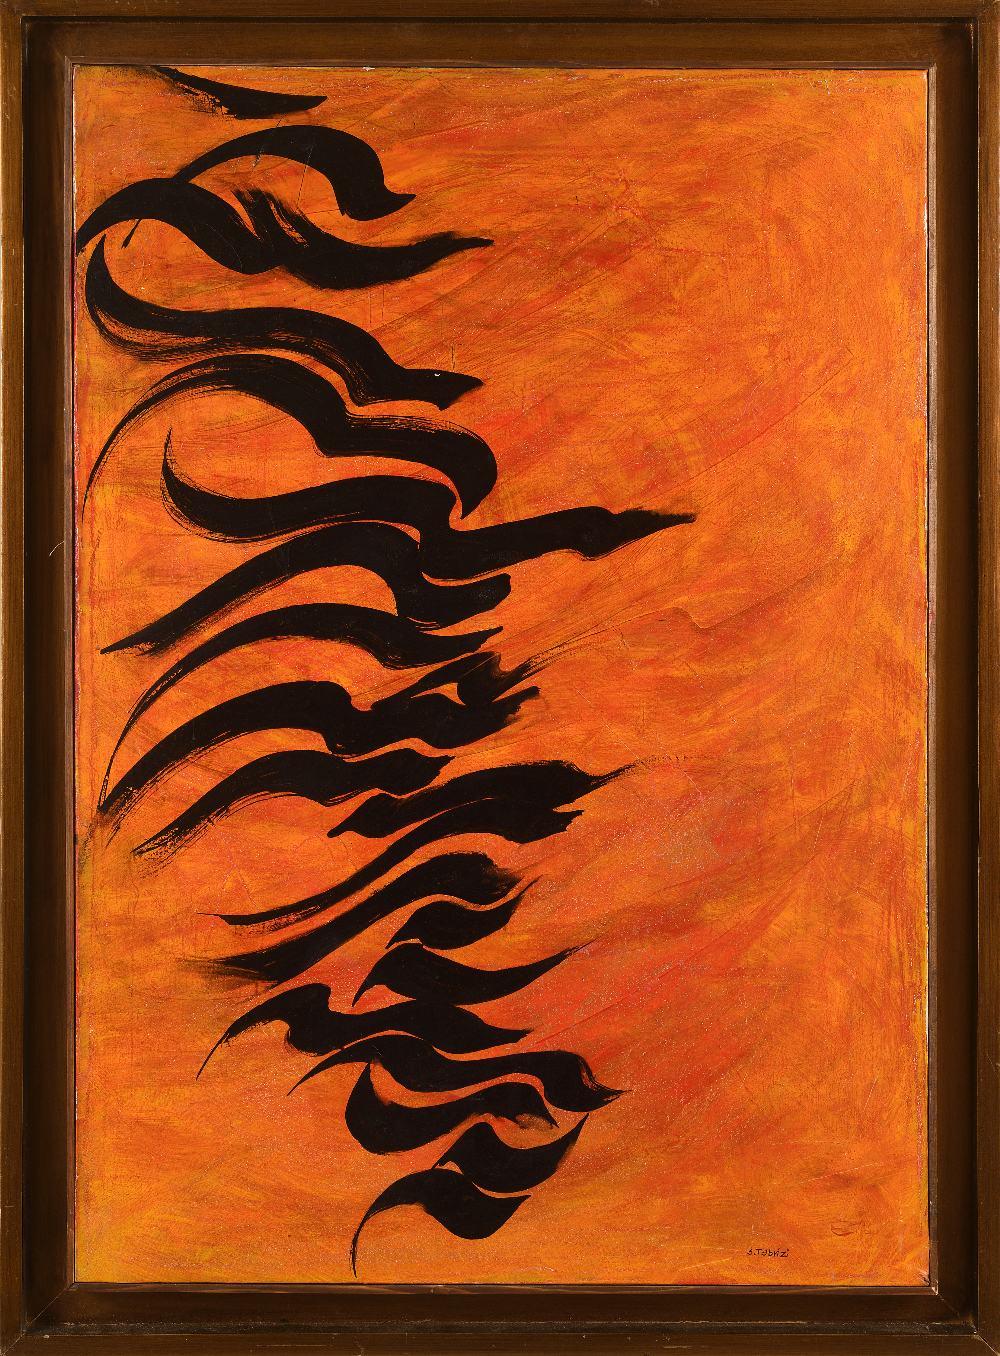 Sadegh TABRIZI (Téhéran 1938-2017)Sans titre, 2006Encre sur toile signée en bas à droite 100 x 70 cm